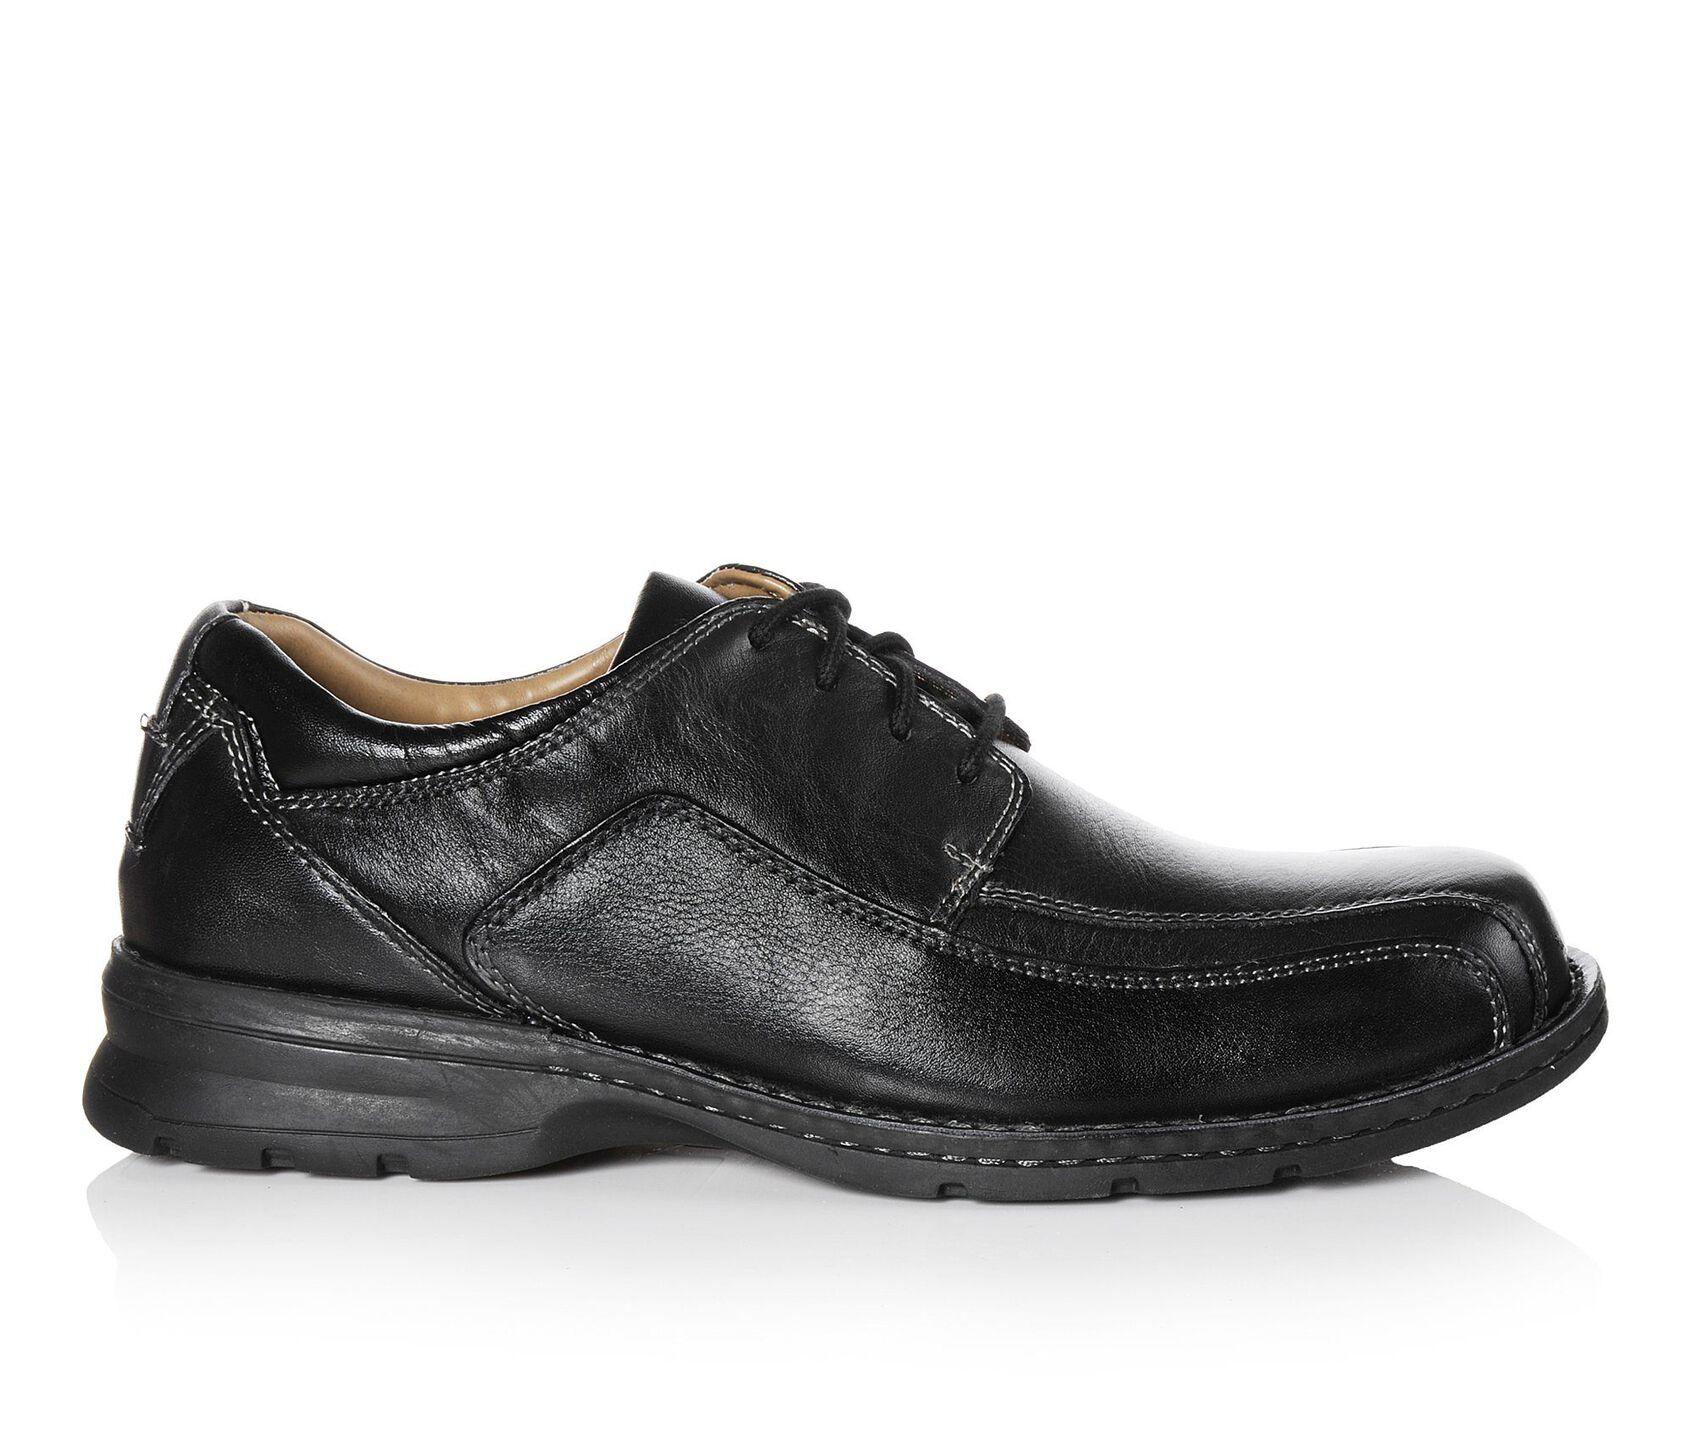 6ded859dc998 Men s Dockers Trustee Dress Shoes